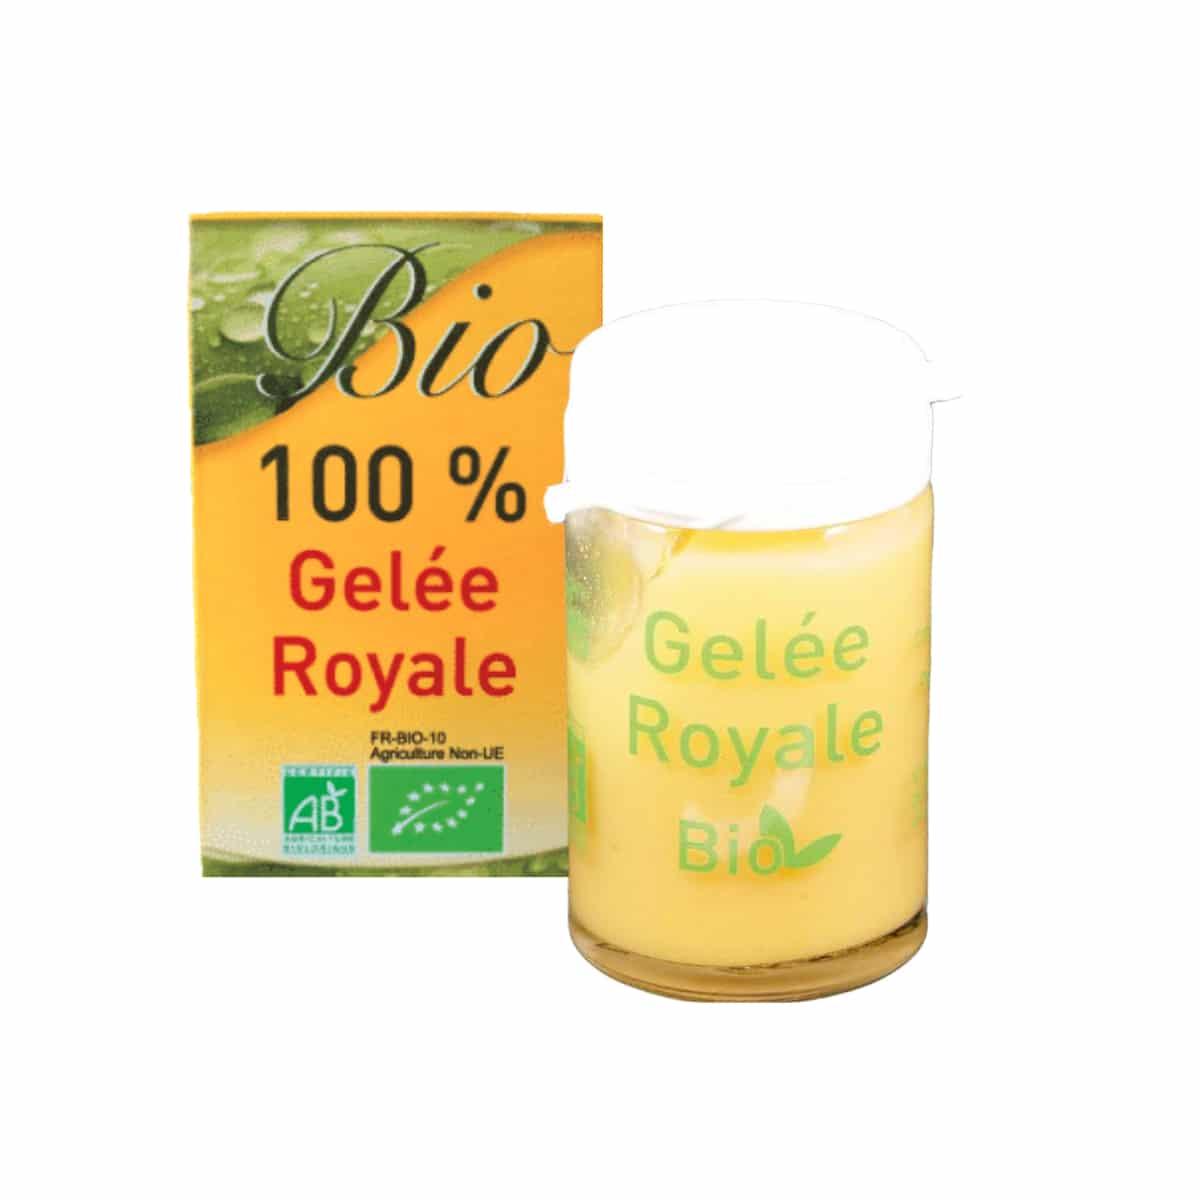 Gelée royale fraîche